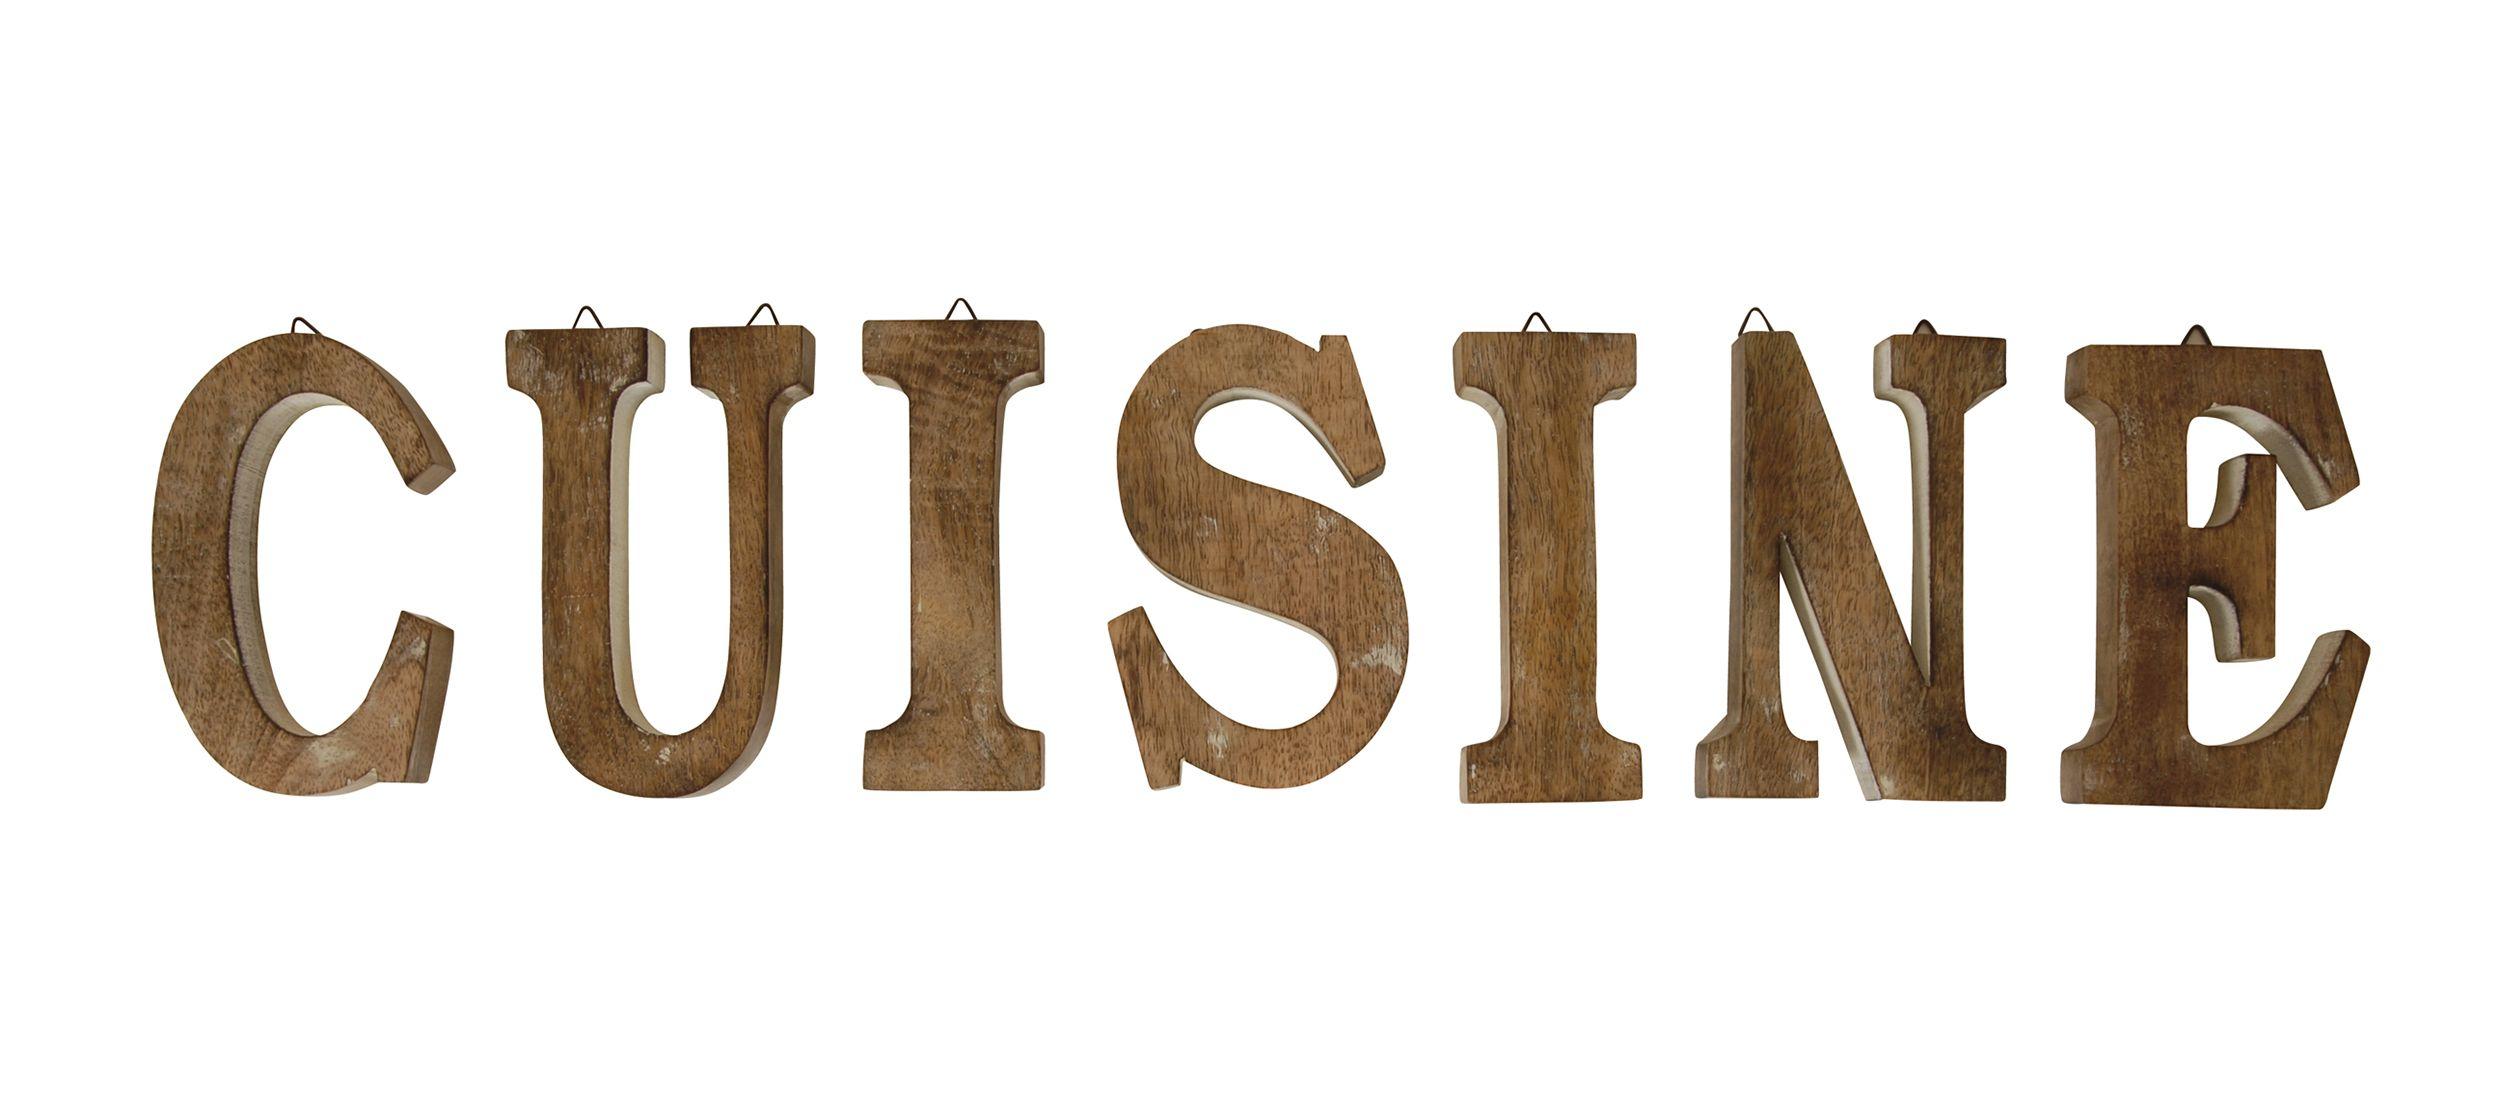 Les mots font la déco ! Grandes lettres en bois pour agrémenter